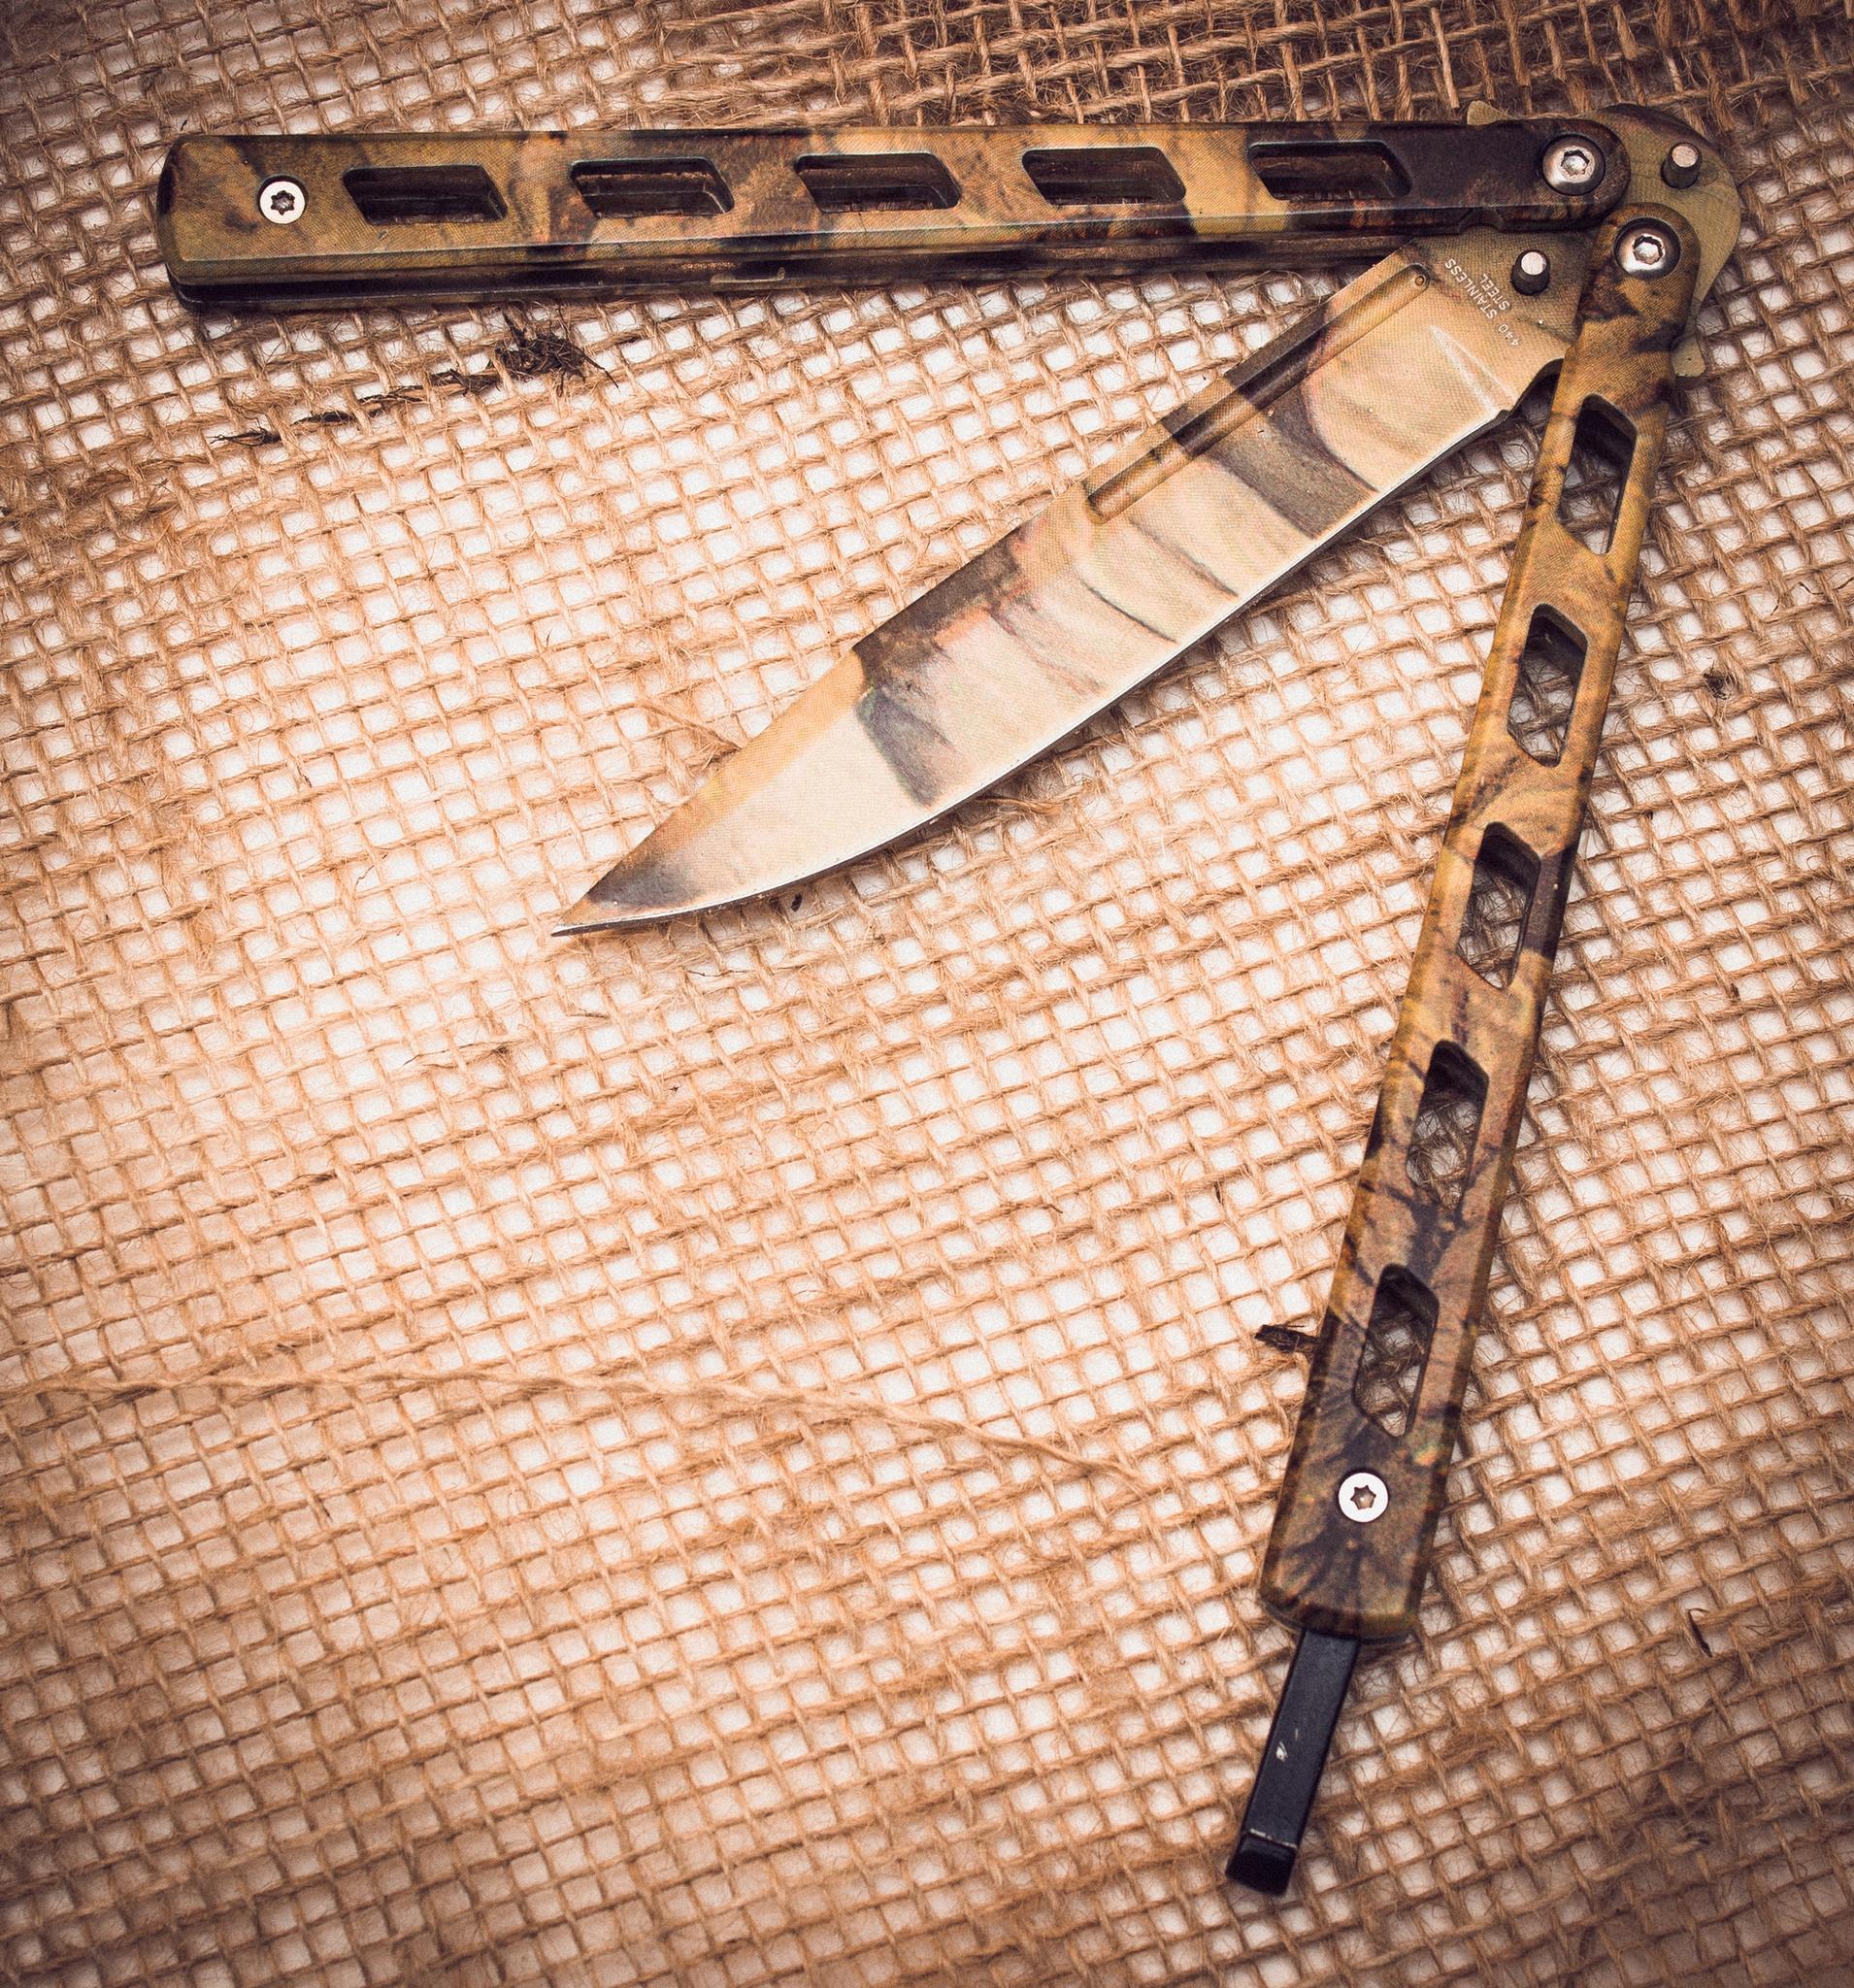 Нож-бабочка (балисонг) Пустынный орелНожи-бабочки и балисонги<br>Нож бабочка Пустынный орел<br>